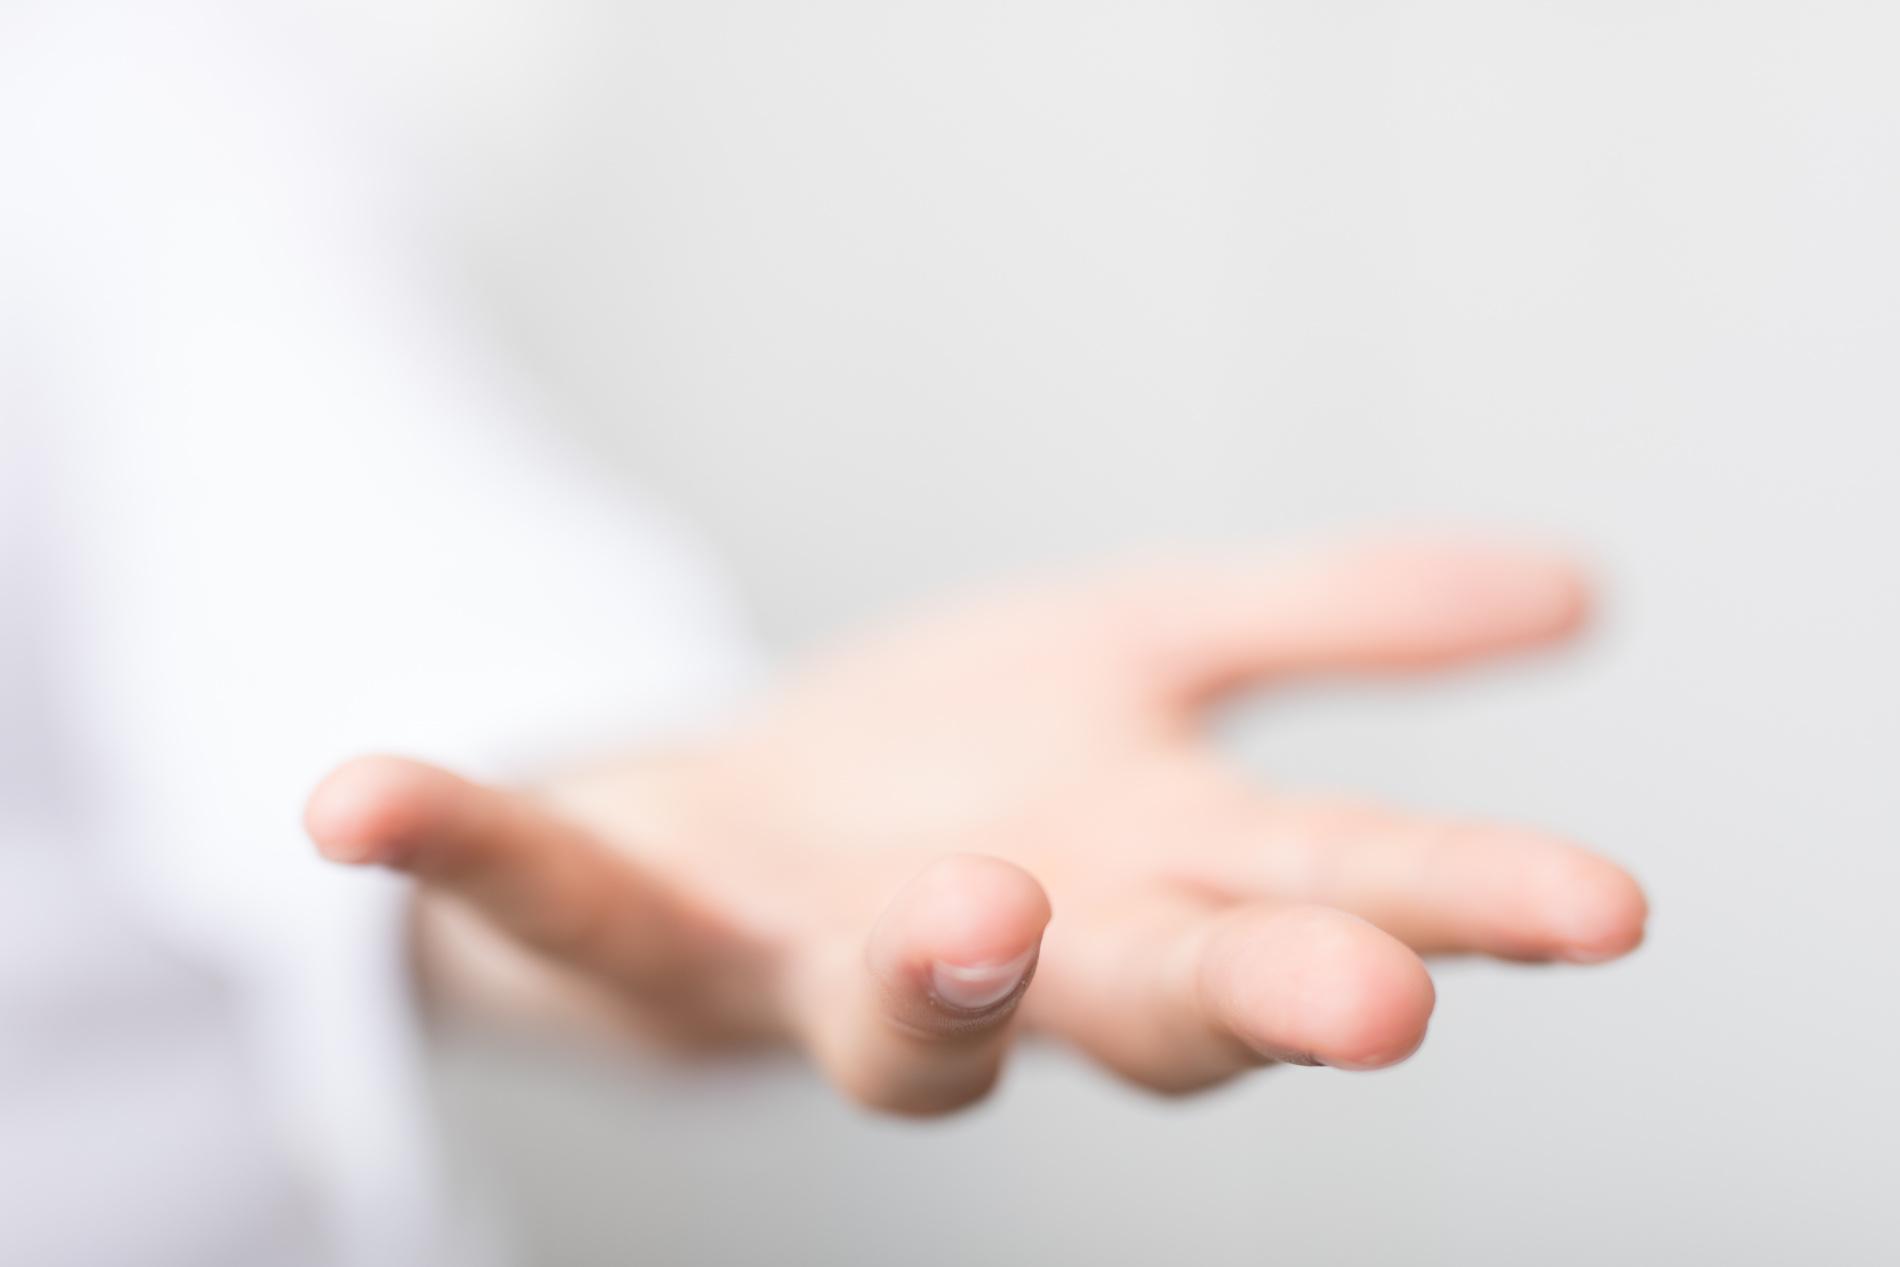 l'étiopathie soigne les troubles ayant une origine mécanique réversible manuellement